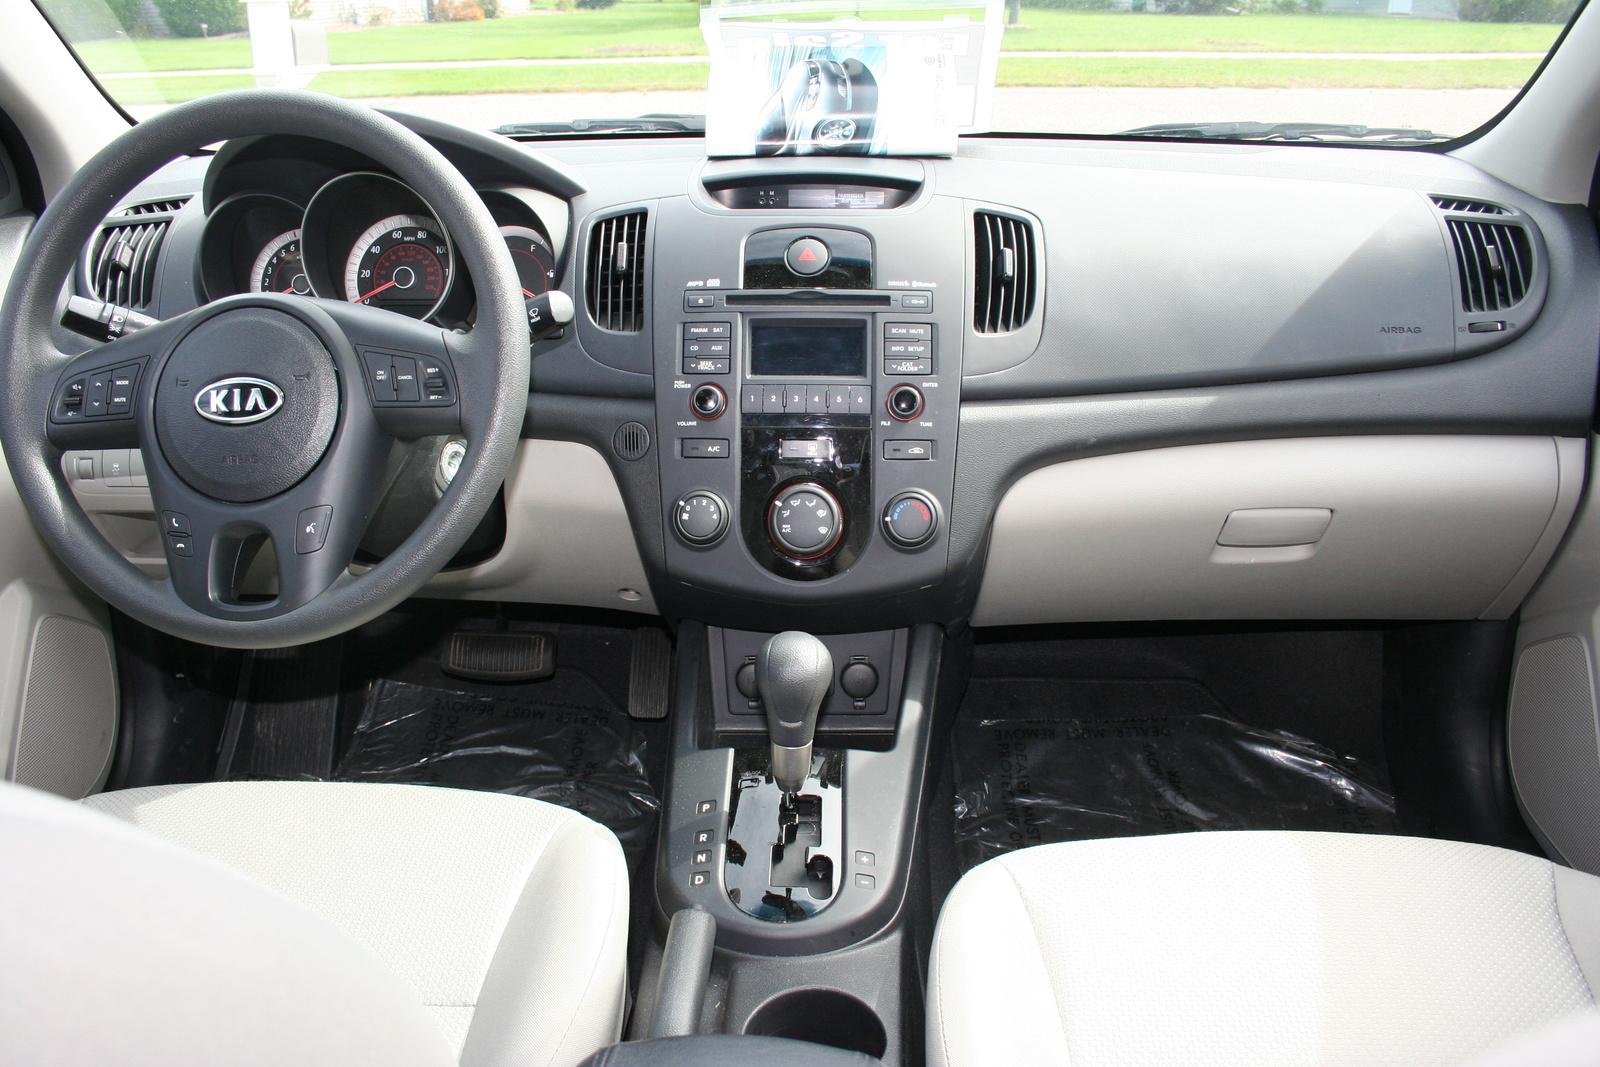 2010 Kia Forte Interior Pictures Cargurus